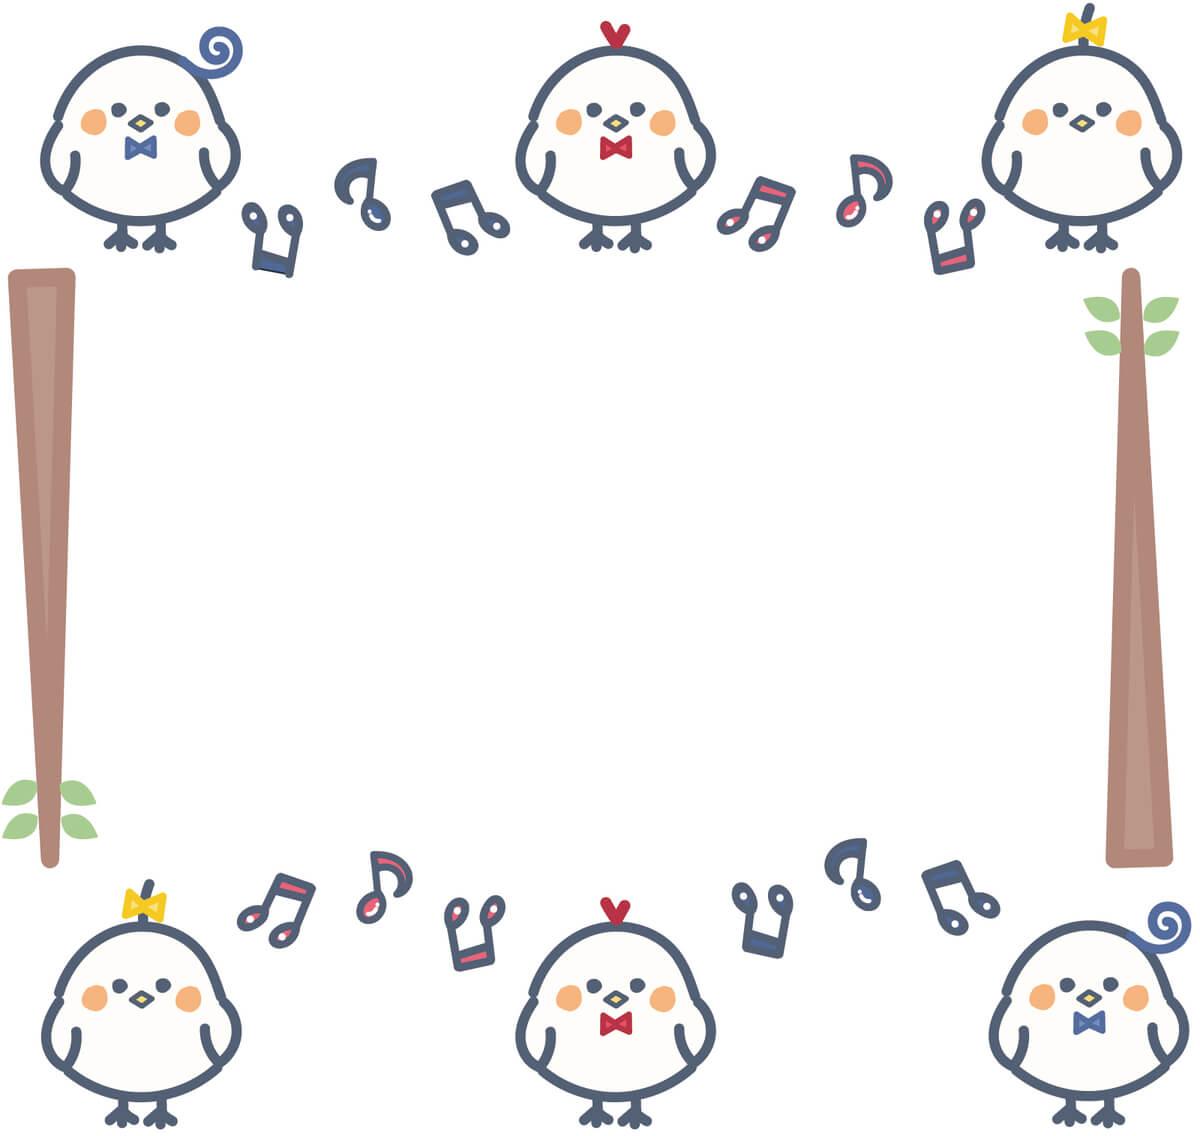 歌う「かわいい鳥たち」フレーム